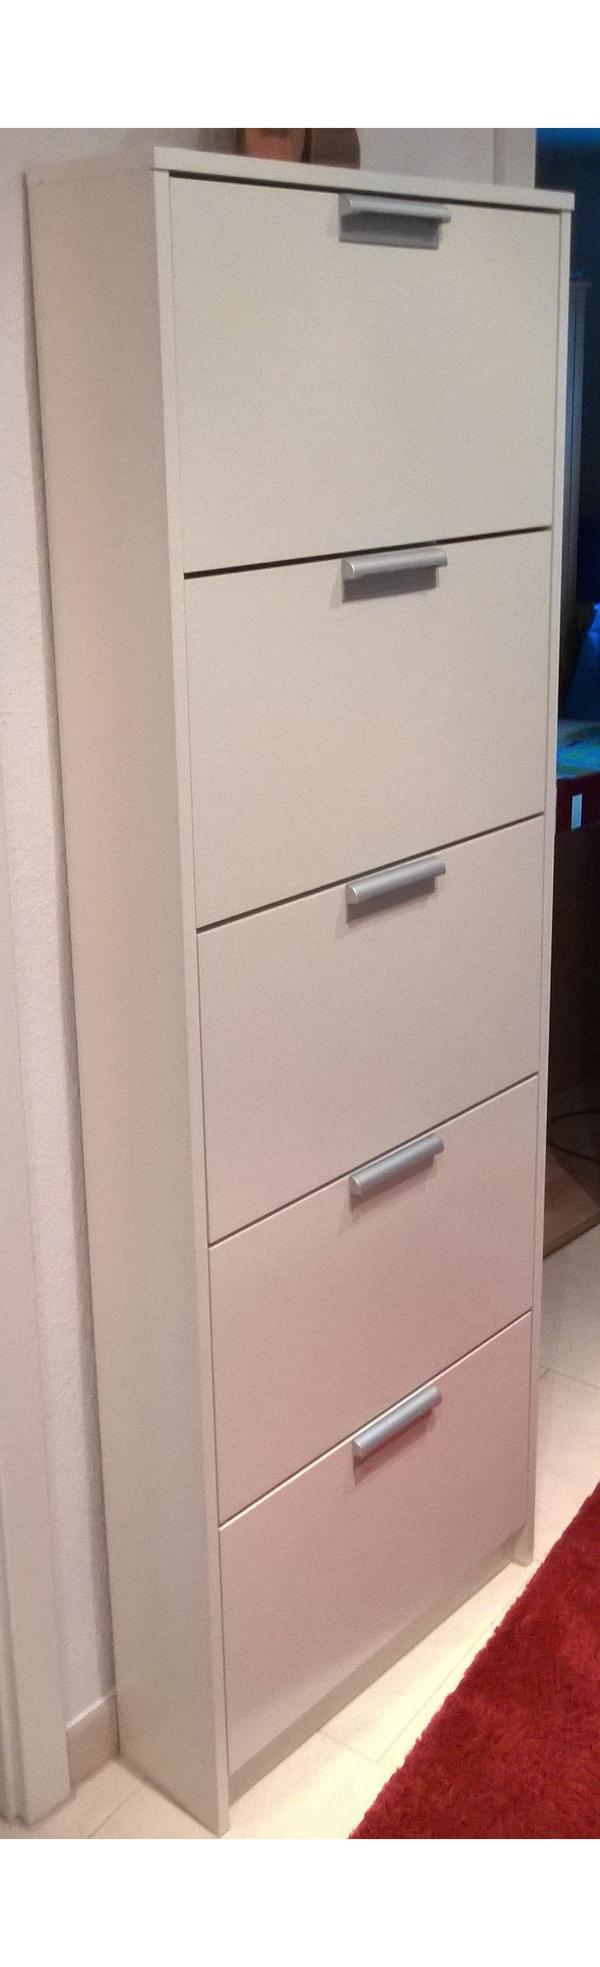 aufbewahrung m bel wohnen m nchen gebraucht kaufen. Black Bedroom Furniture Sets. Home Design Ideas